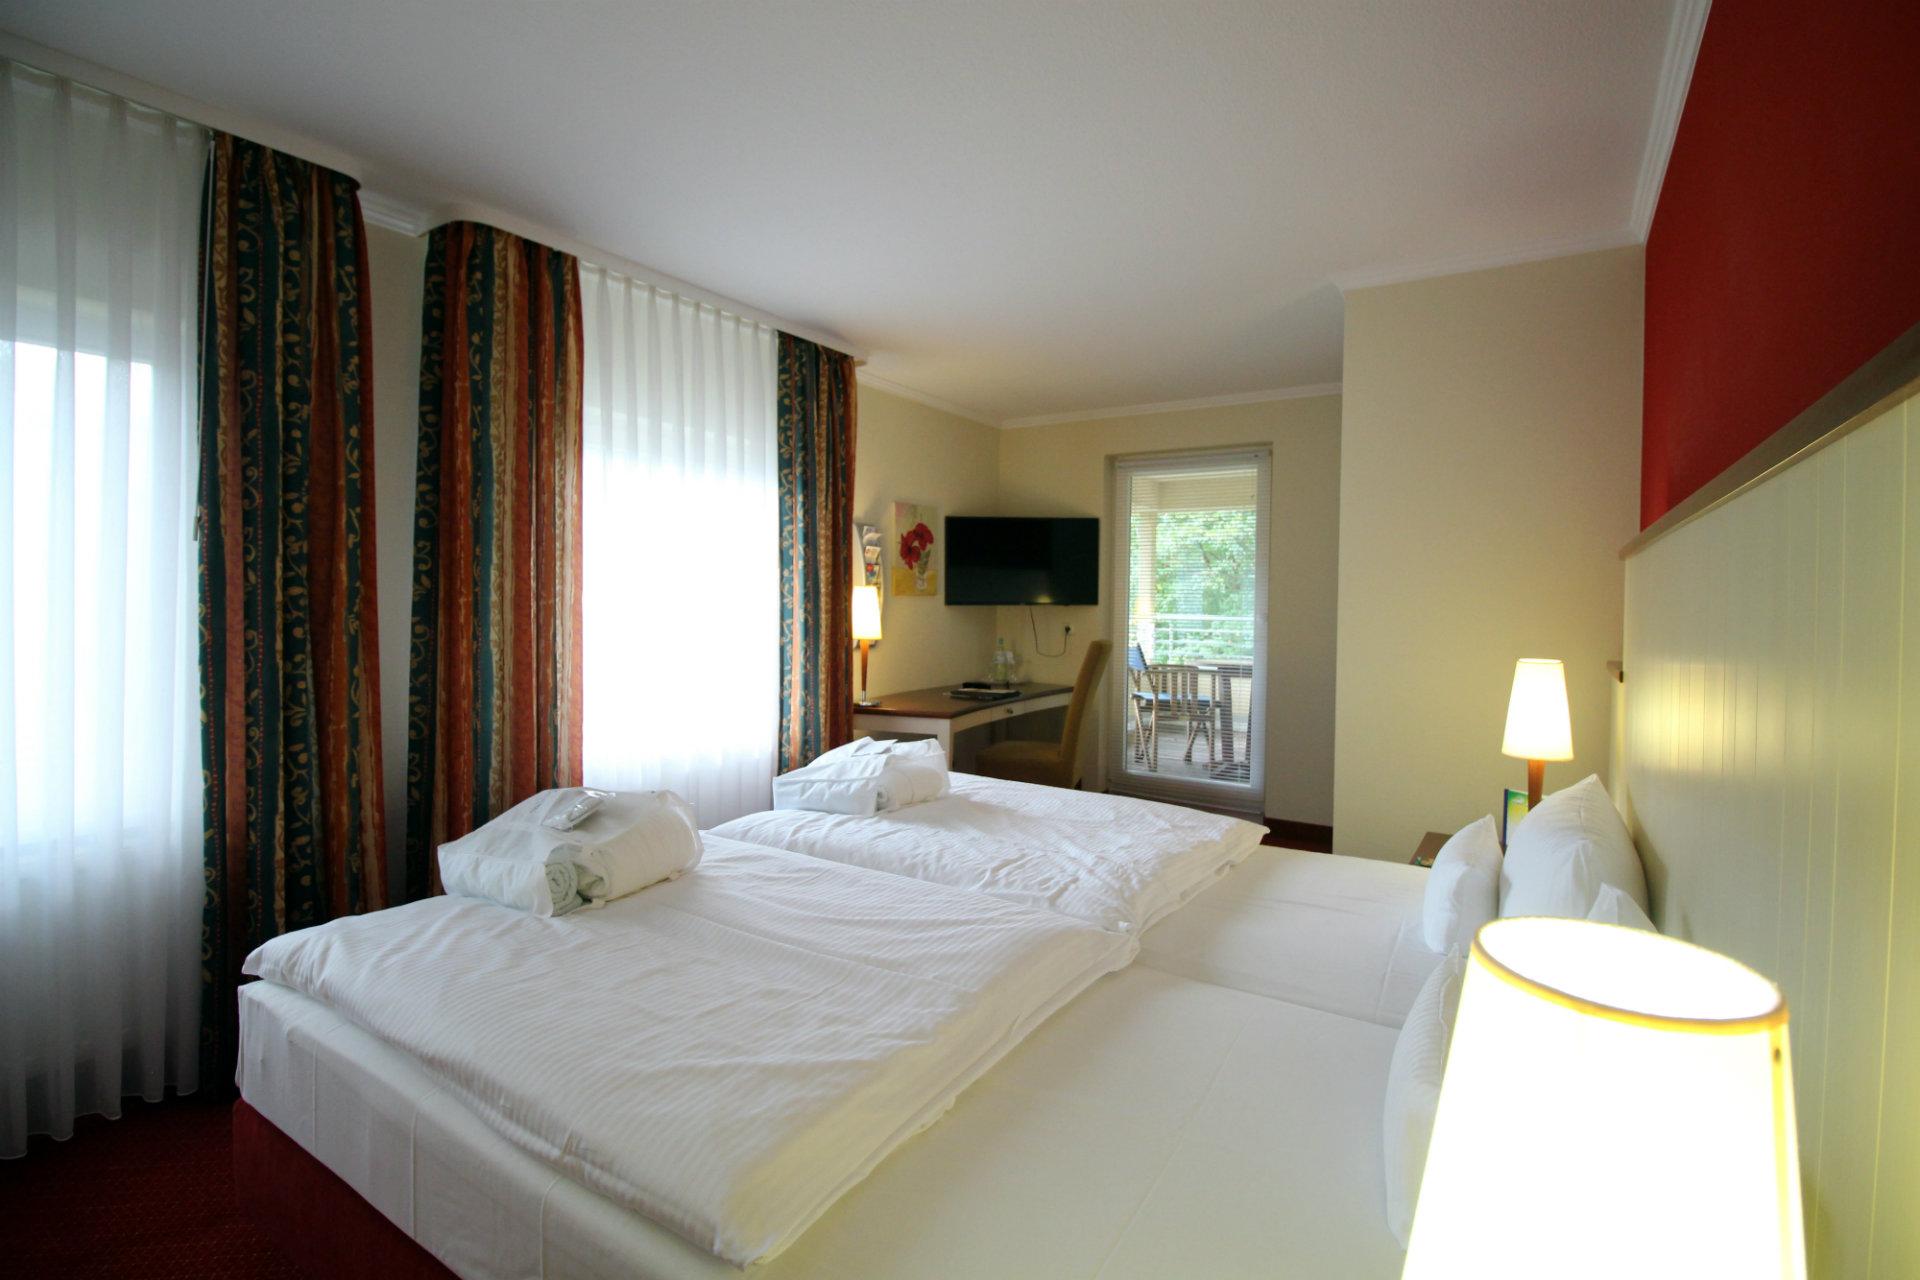 osteehotel waldschl sschen prerow suiten mit loggia. Black Bedroom Furniture Sets. Home Design Ideas